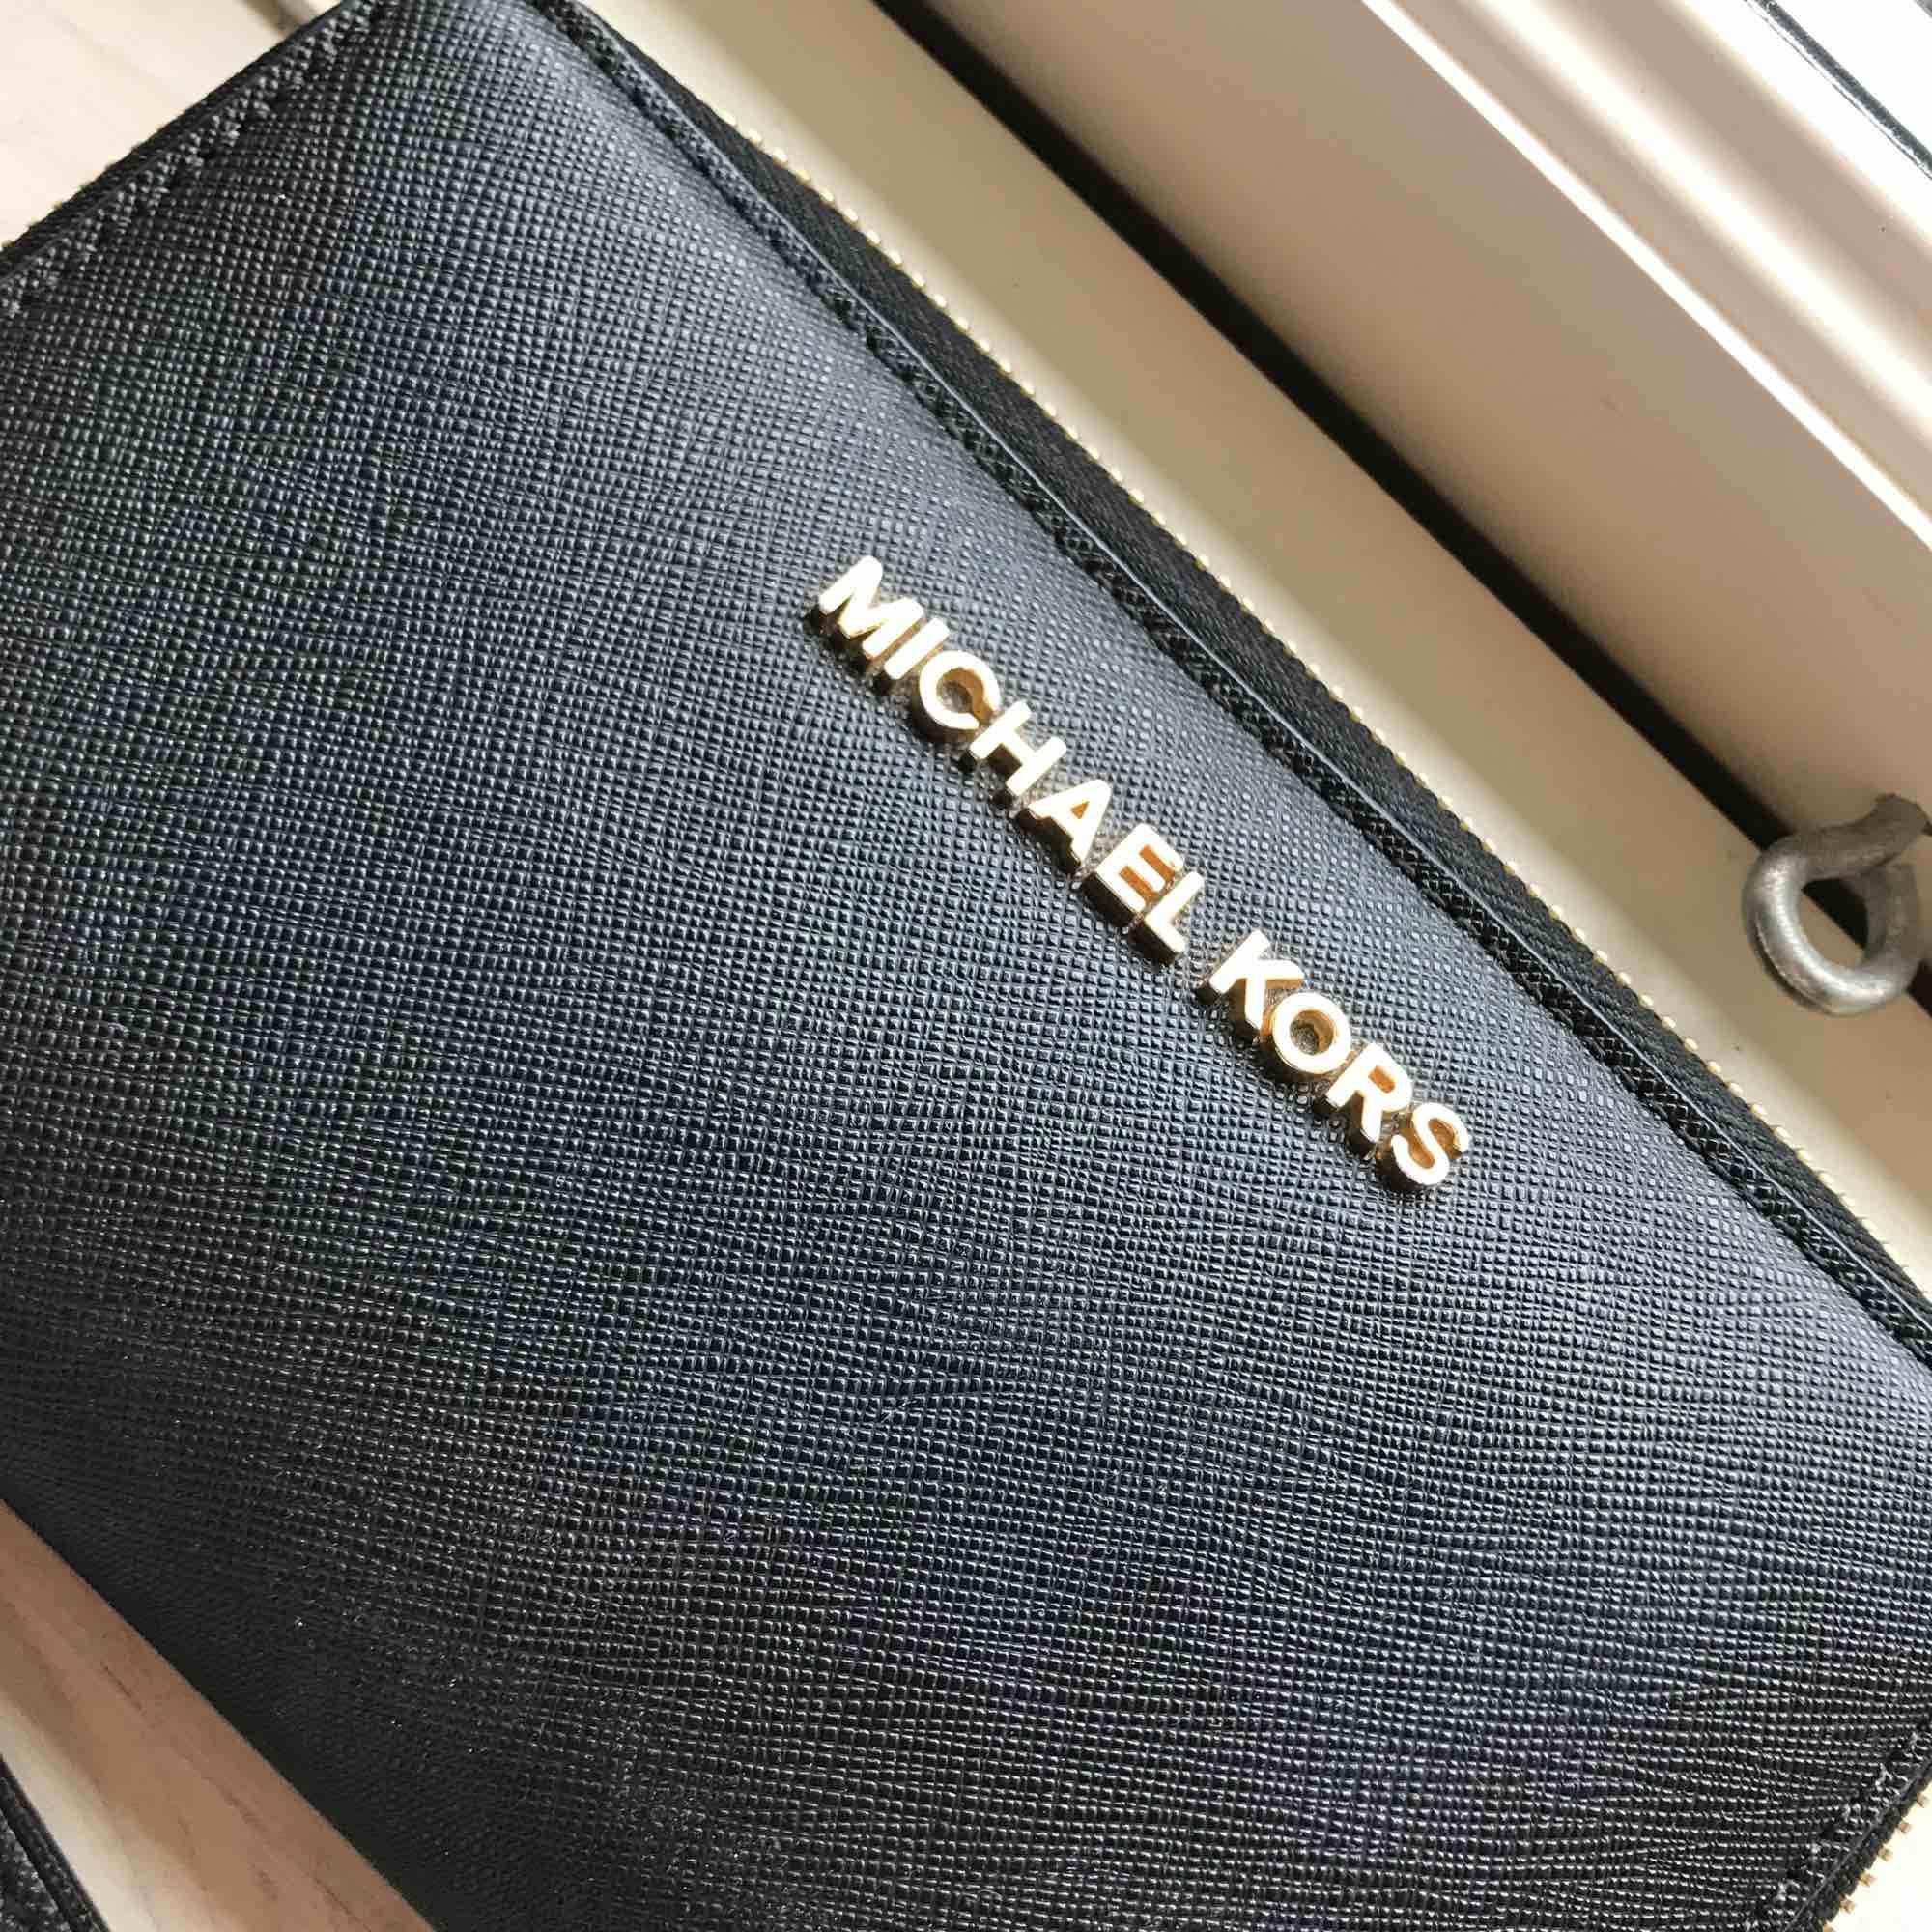 Äkta Michael Kors Jet set travel plånbok, köpt i Stockholm, kvitto medföljer vid köp, färg: svart  Köparen står för frakt 🌟. Väskor.